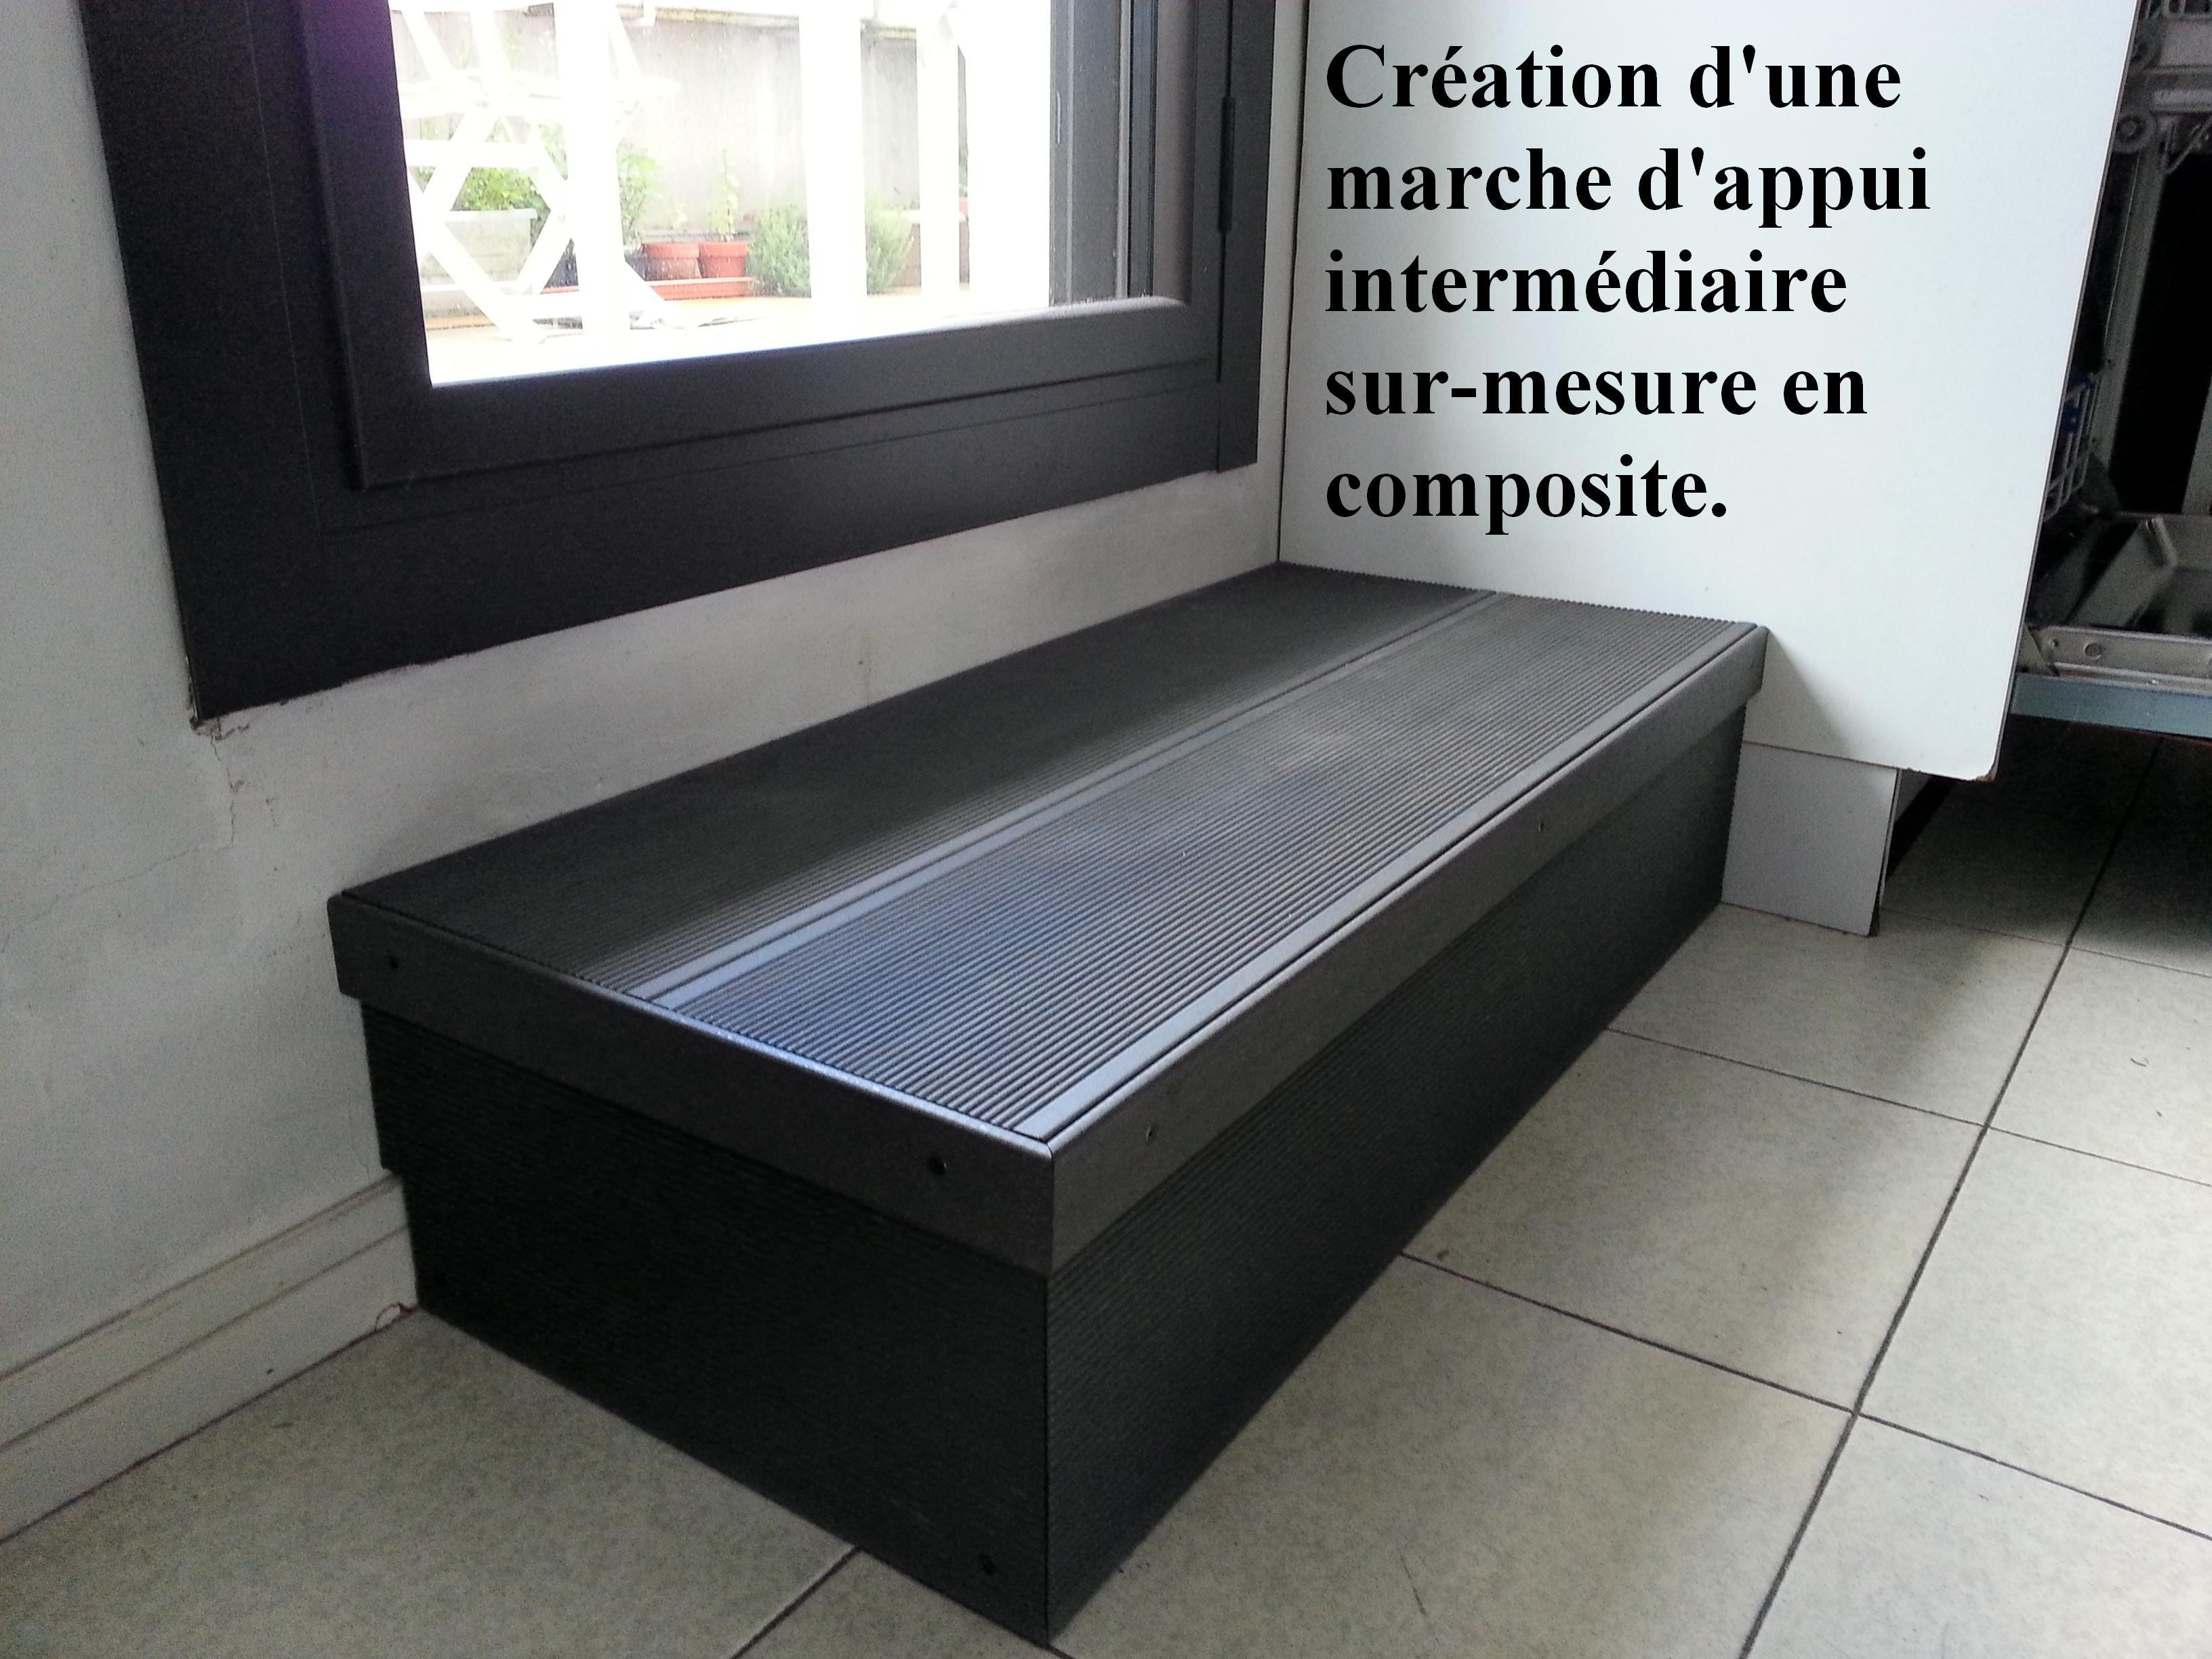 id es pratiques pour la maison. Black Bedroom Furniture Sets. Home Design Ideas